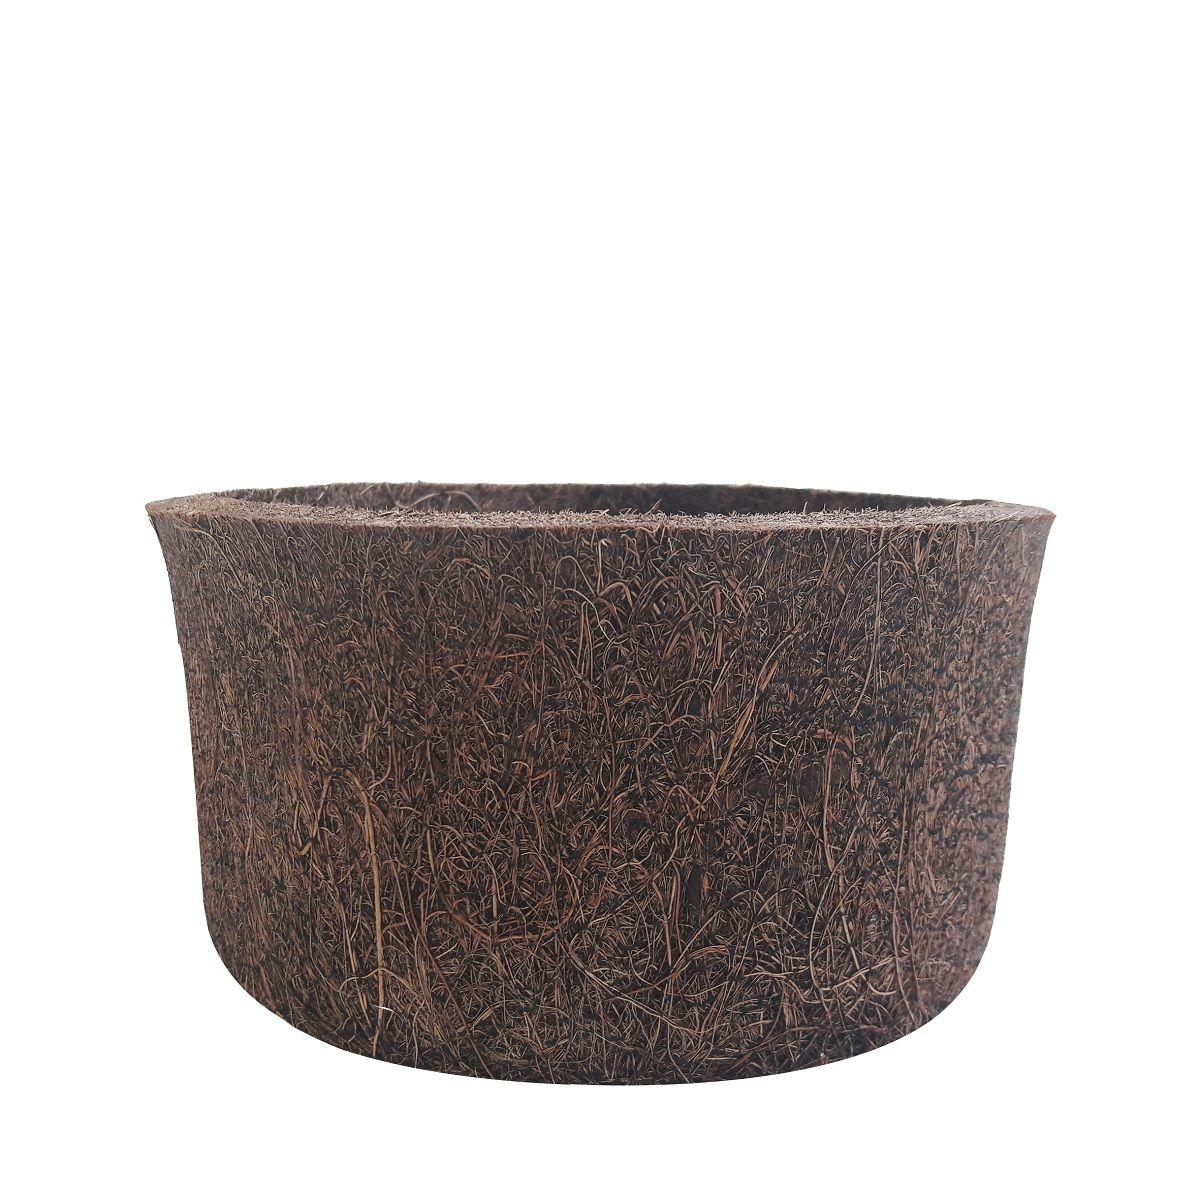 Vaso Coquim Nº13 18 x 10 cm em Fibra de Coco - COQUIM